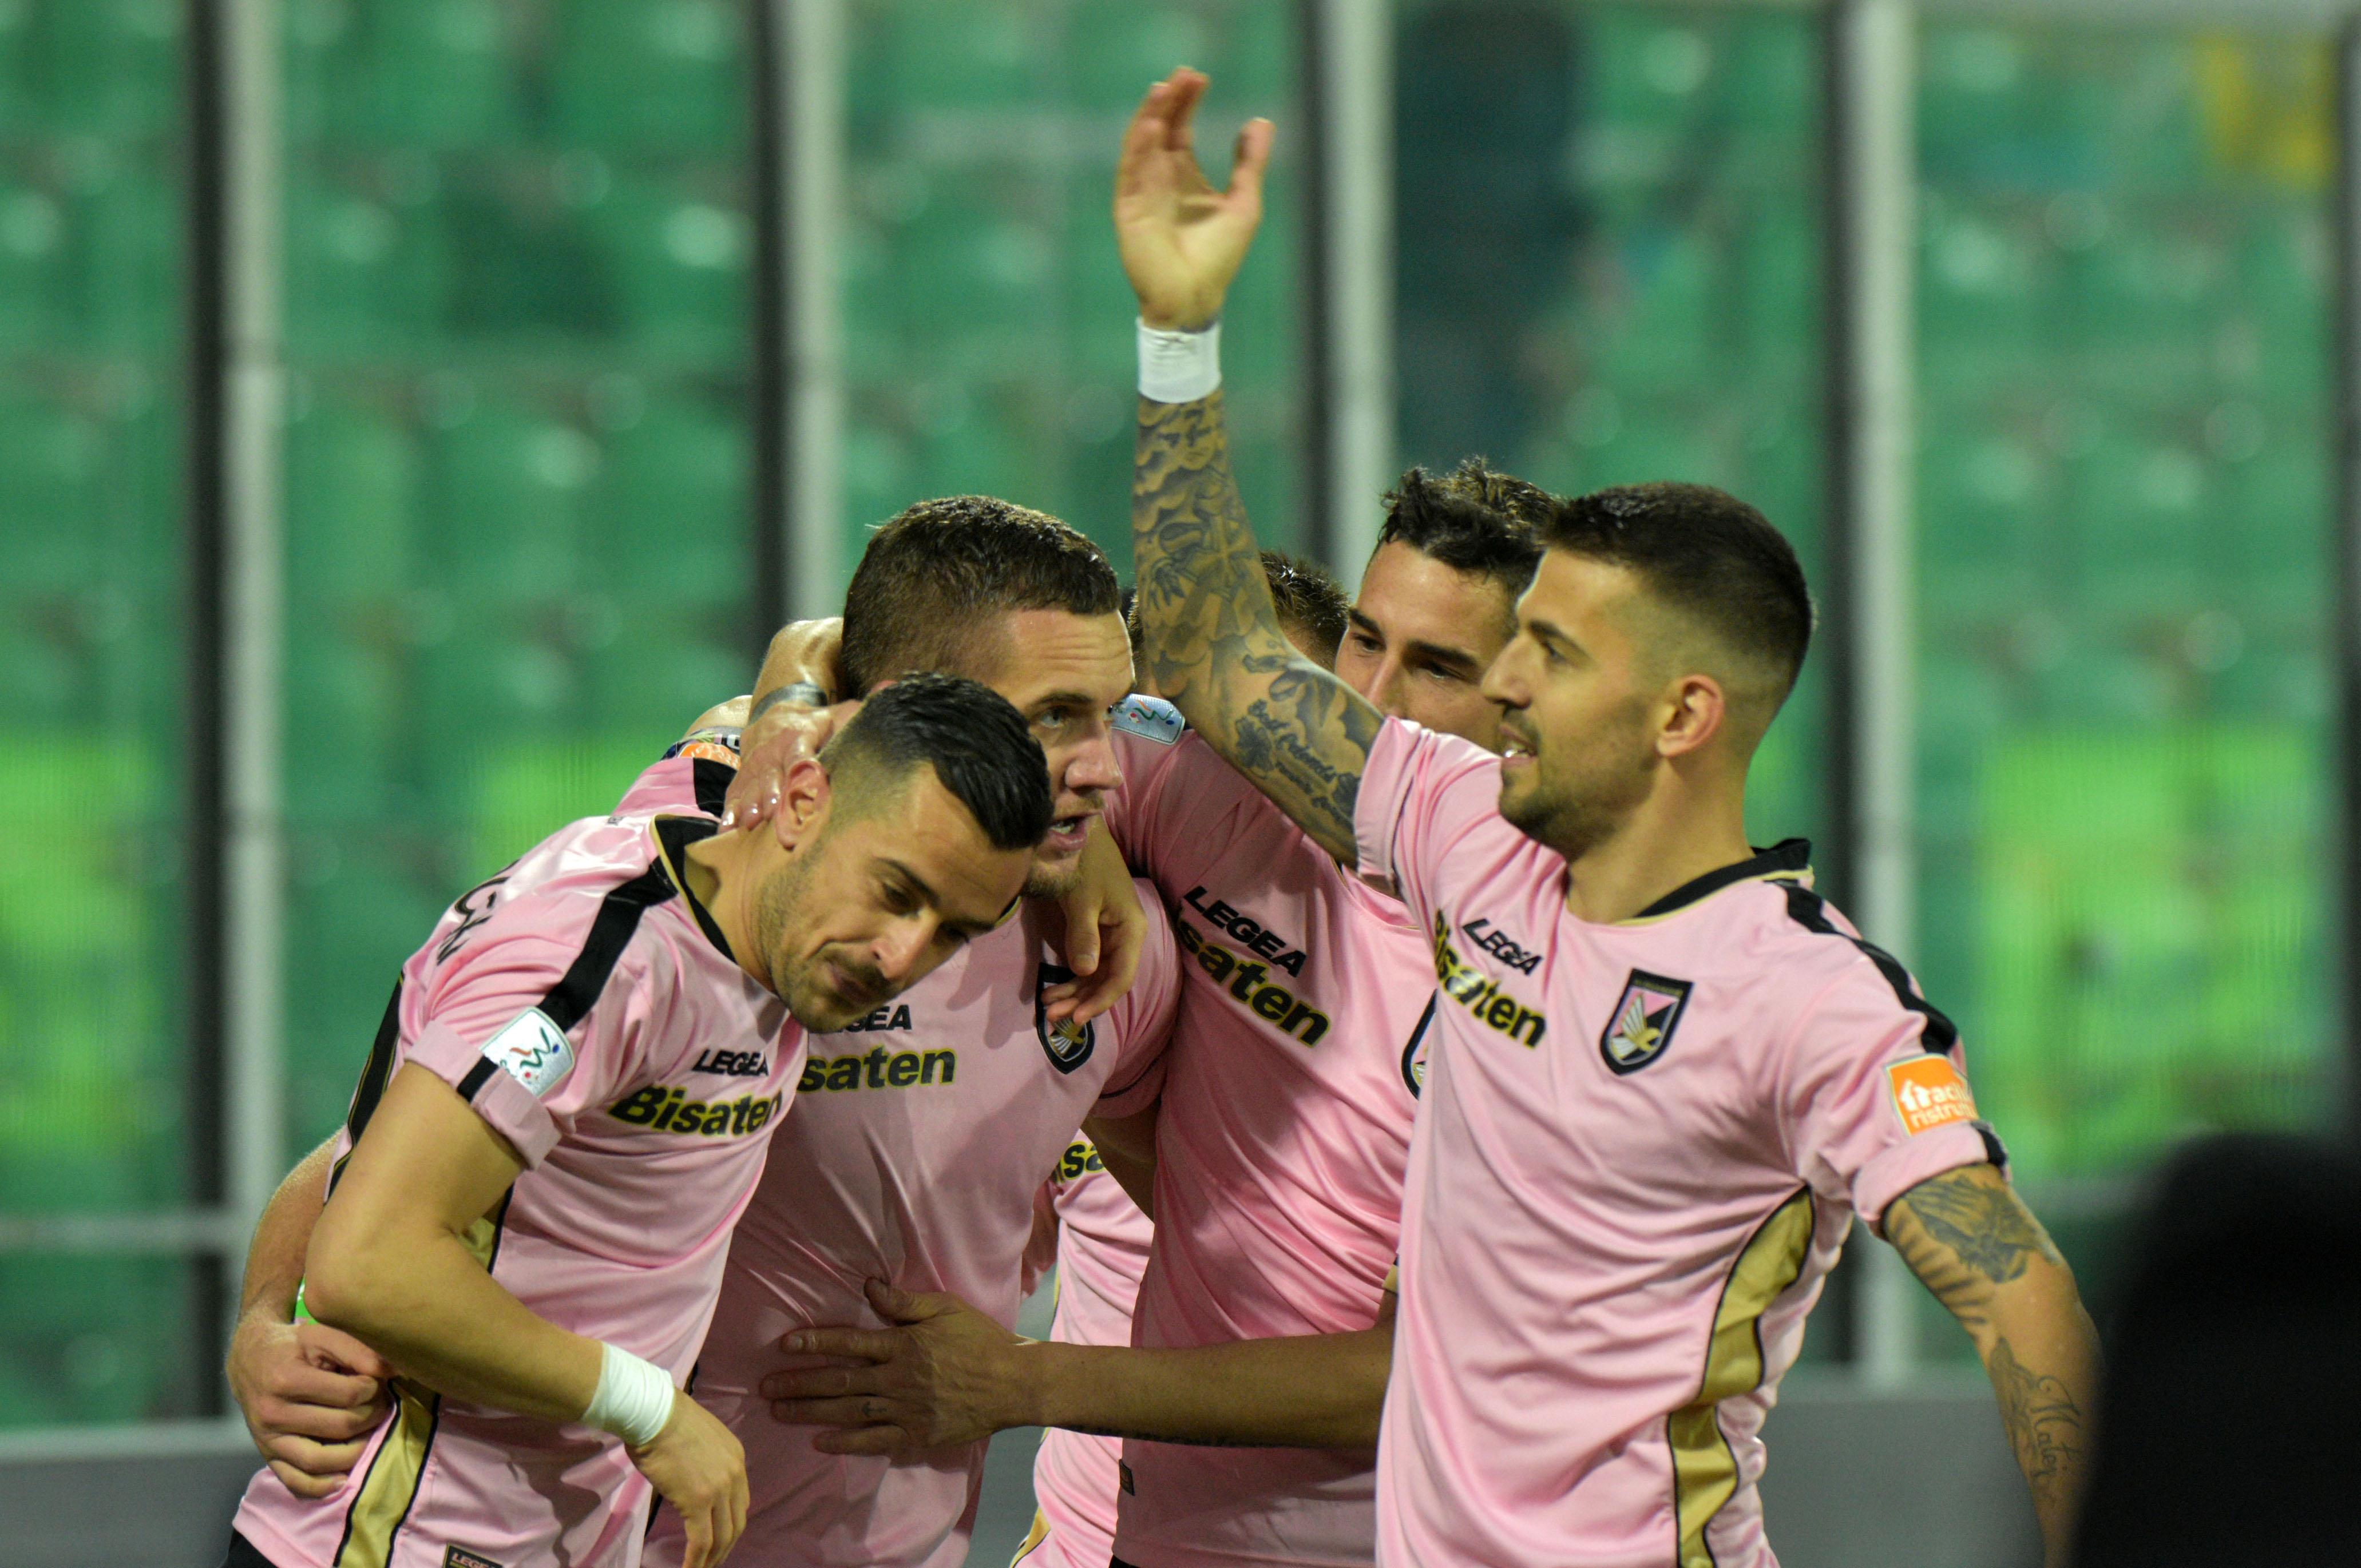 PAlermo Lecce Puscas gol